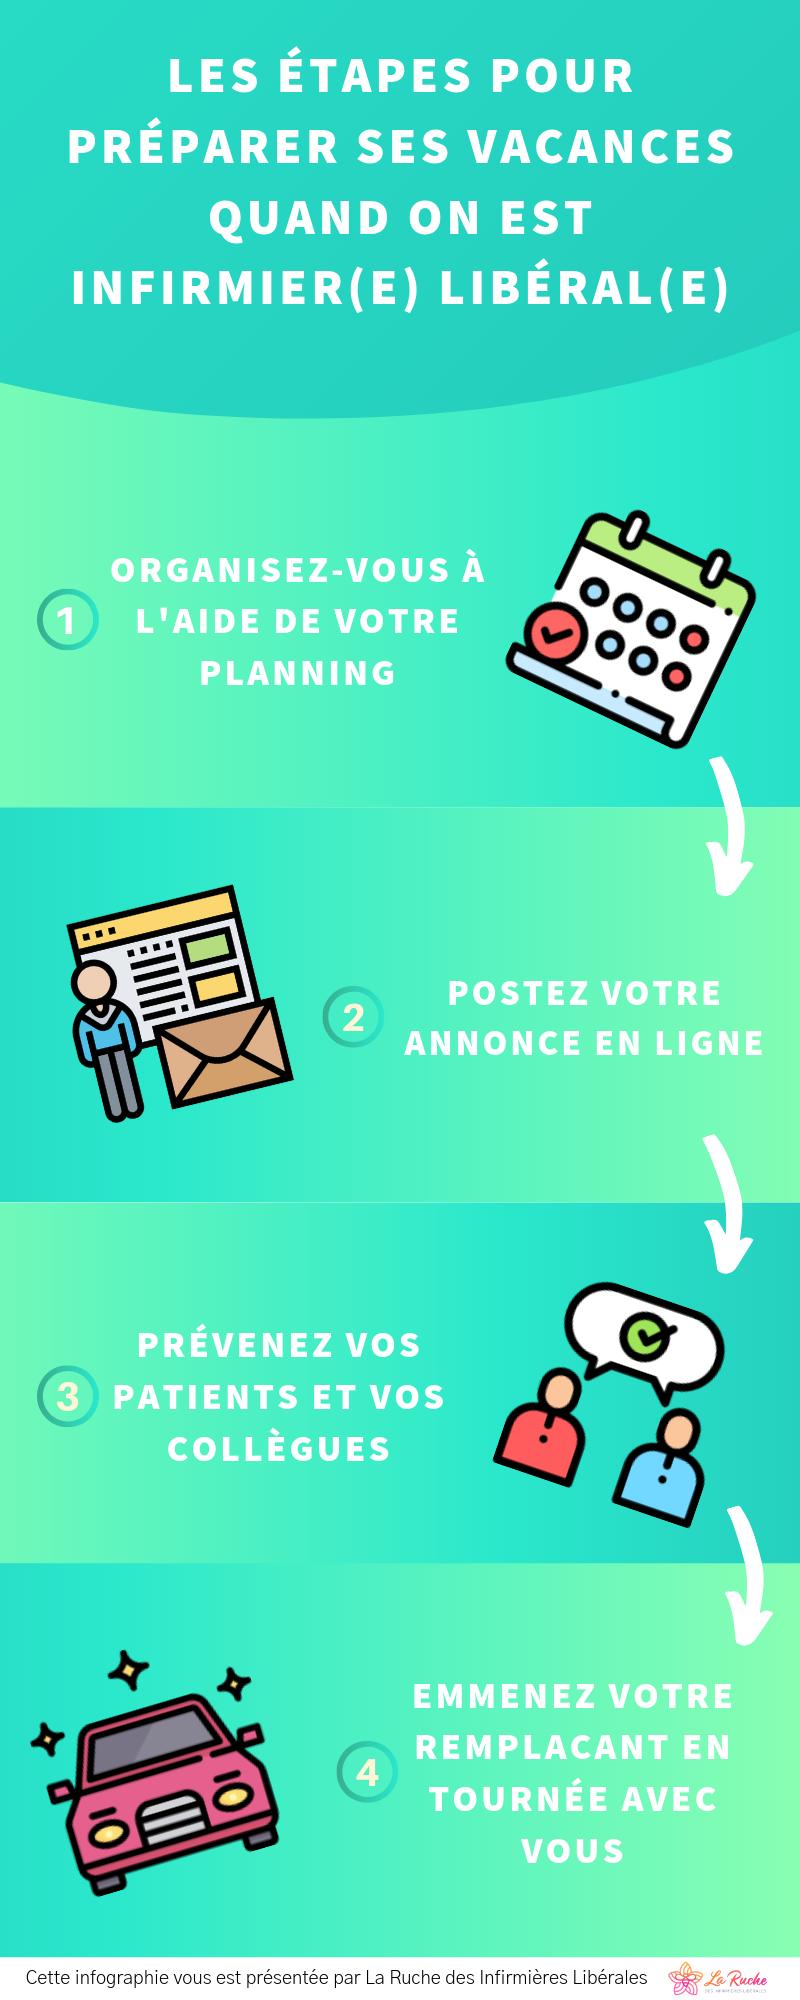 infographie-infirmiere-liberale-vacances-etapes